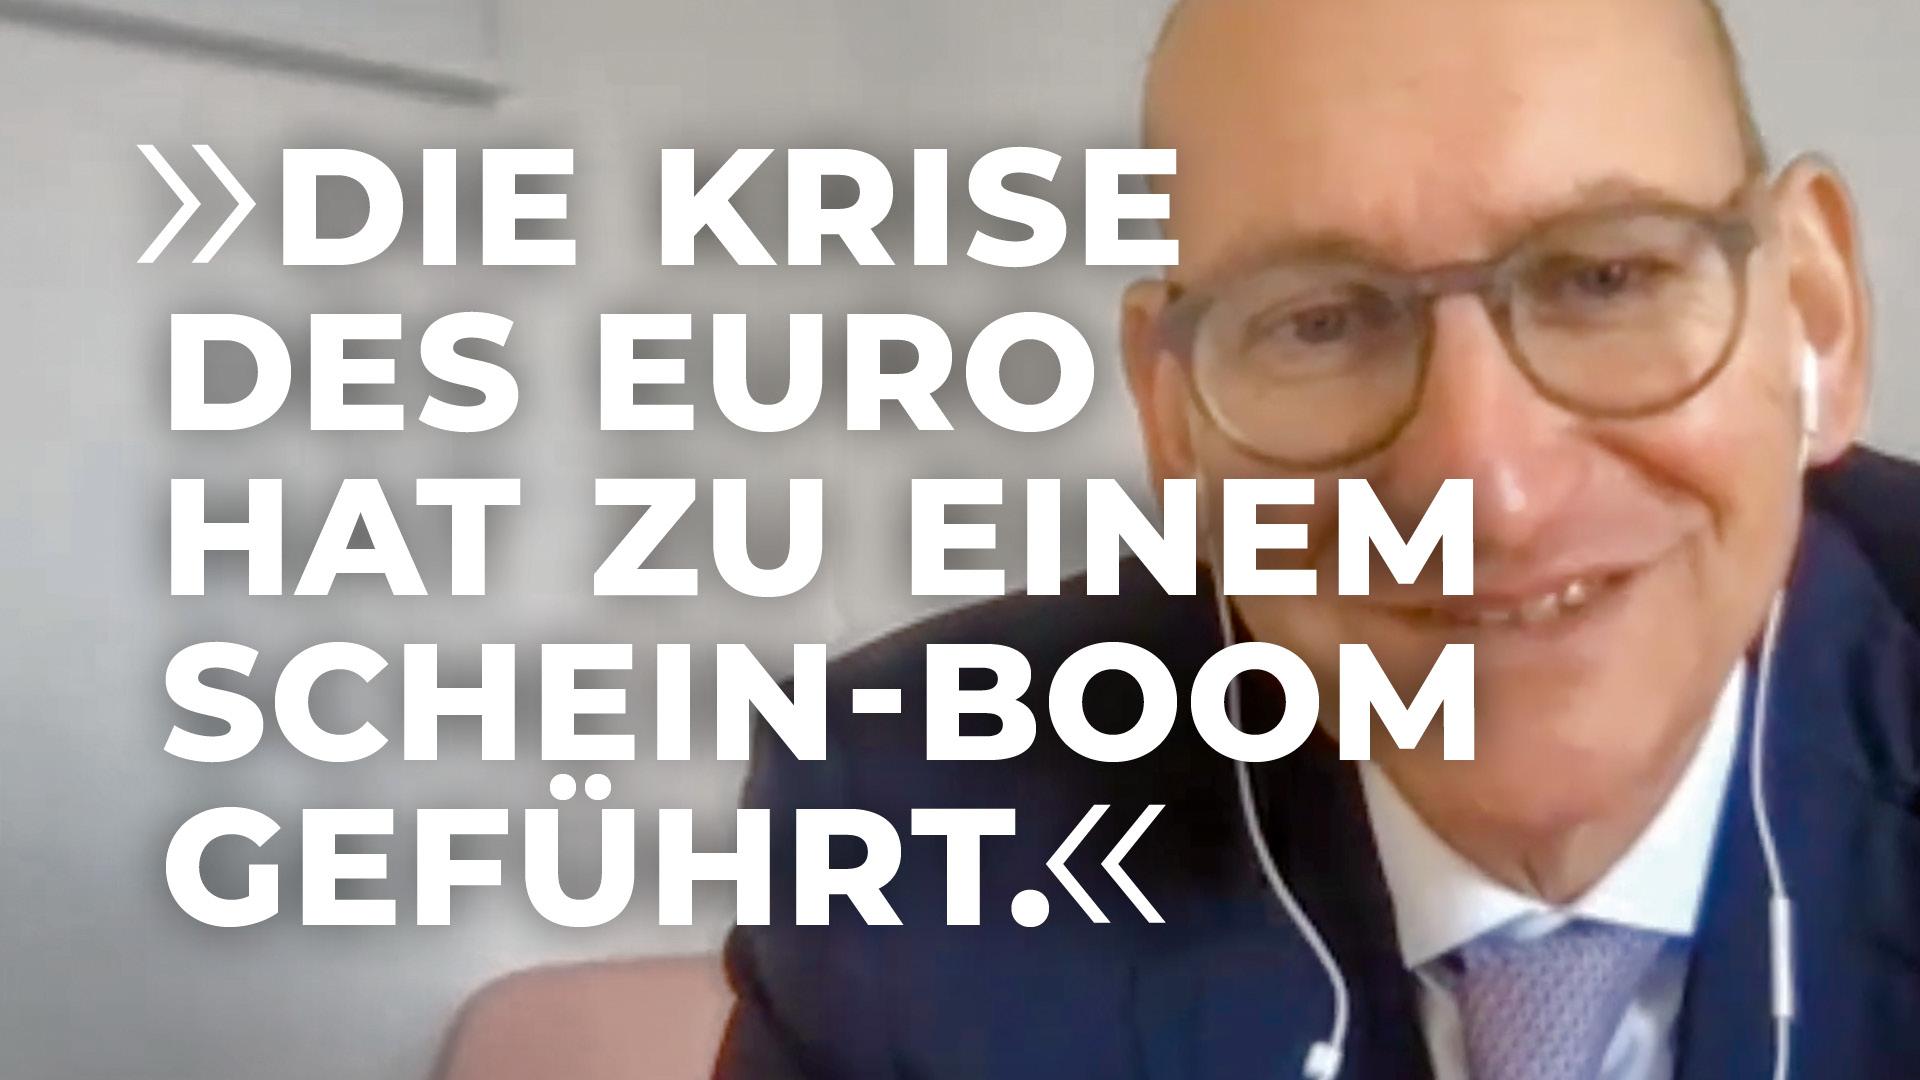 Die Krise des Euro hat zu einem Schein-Boom geführt